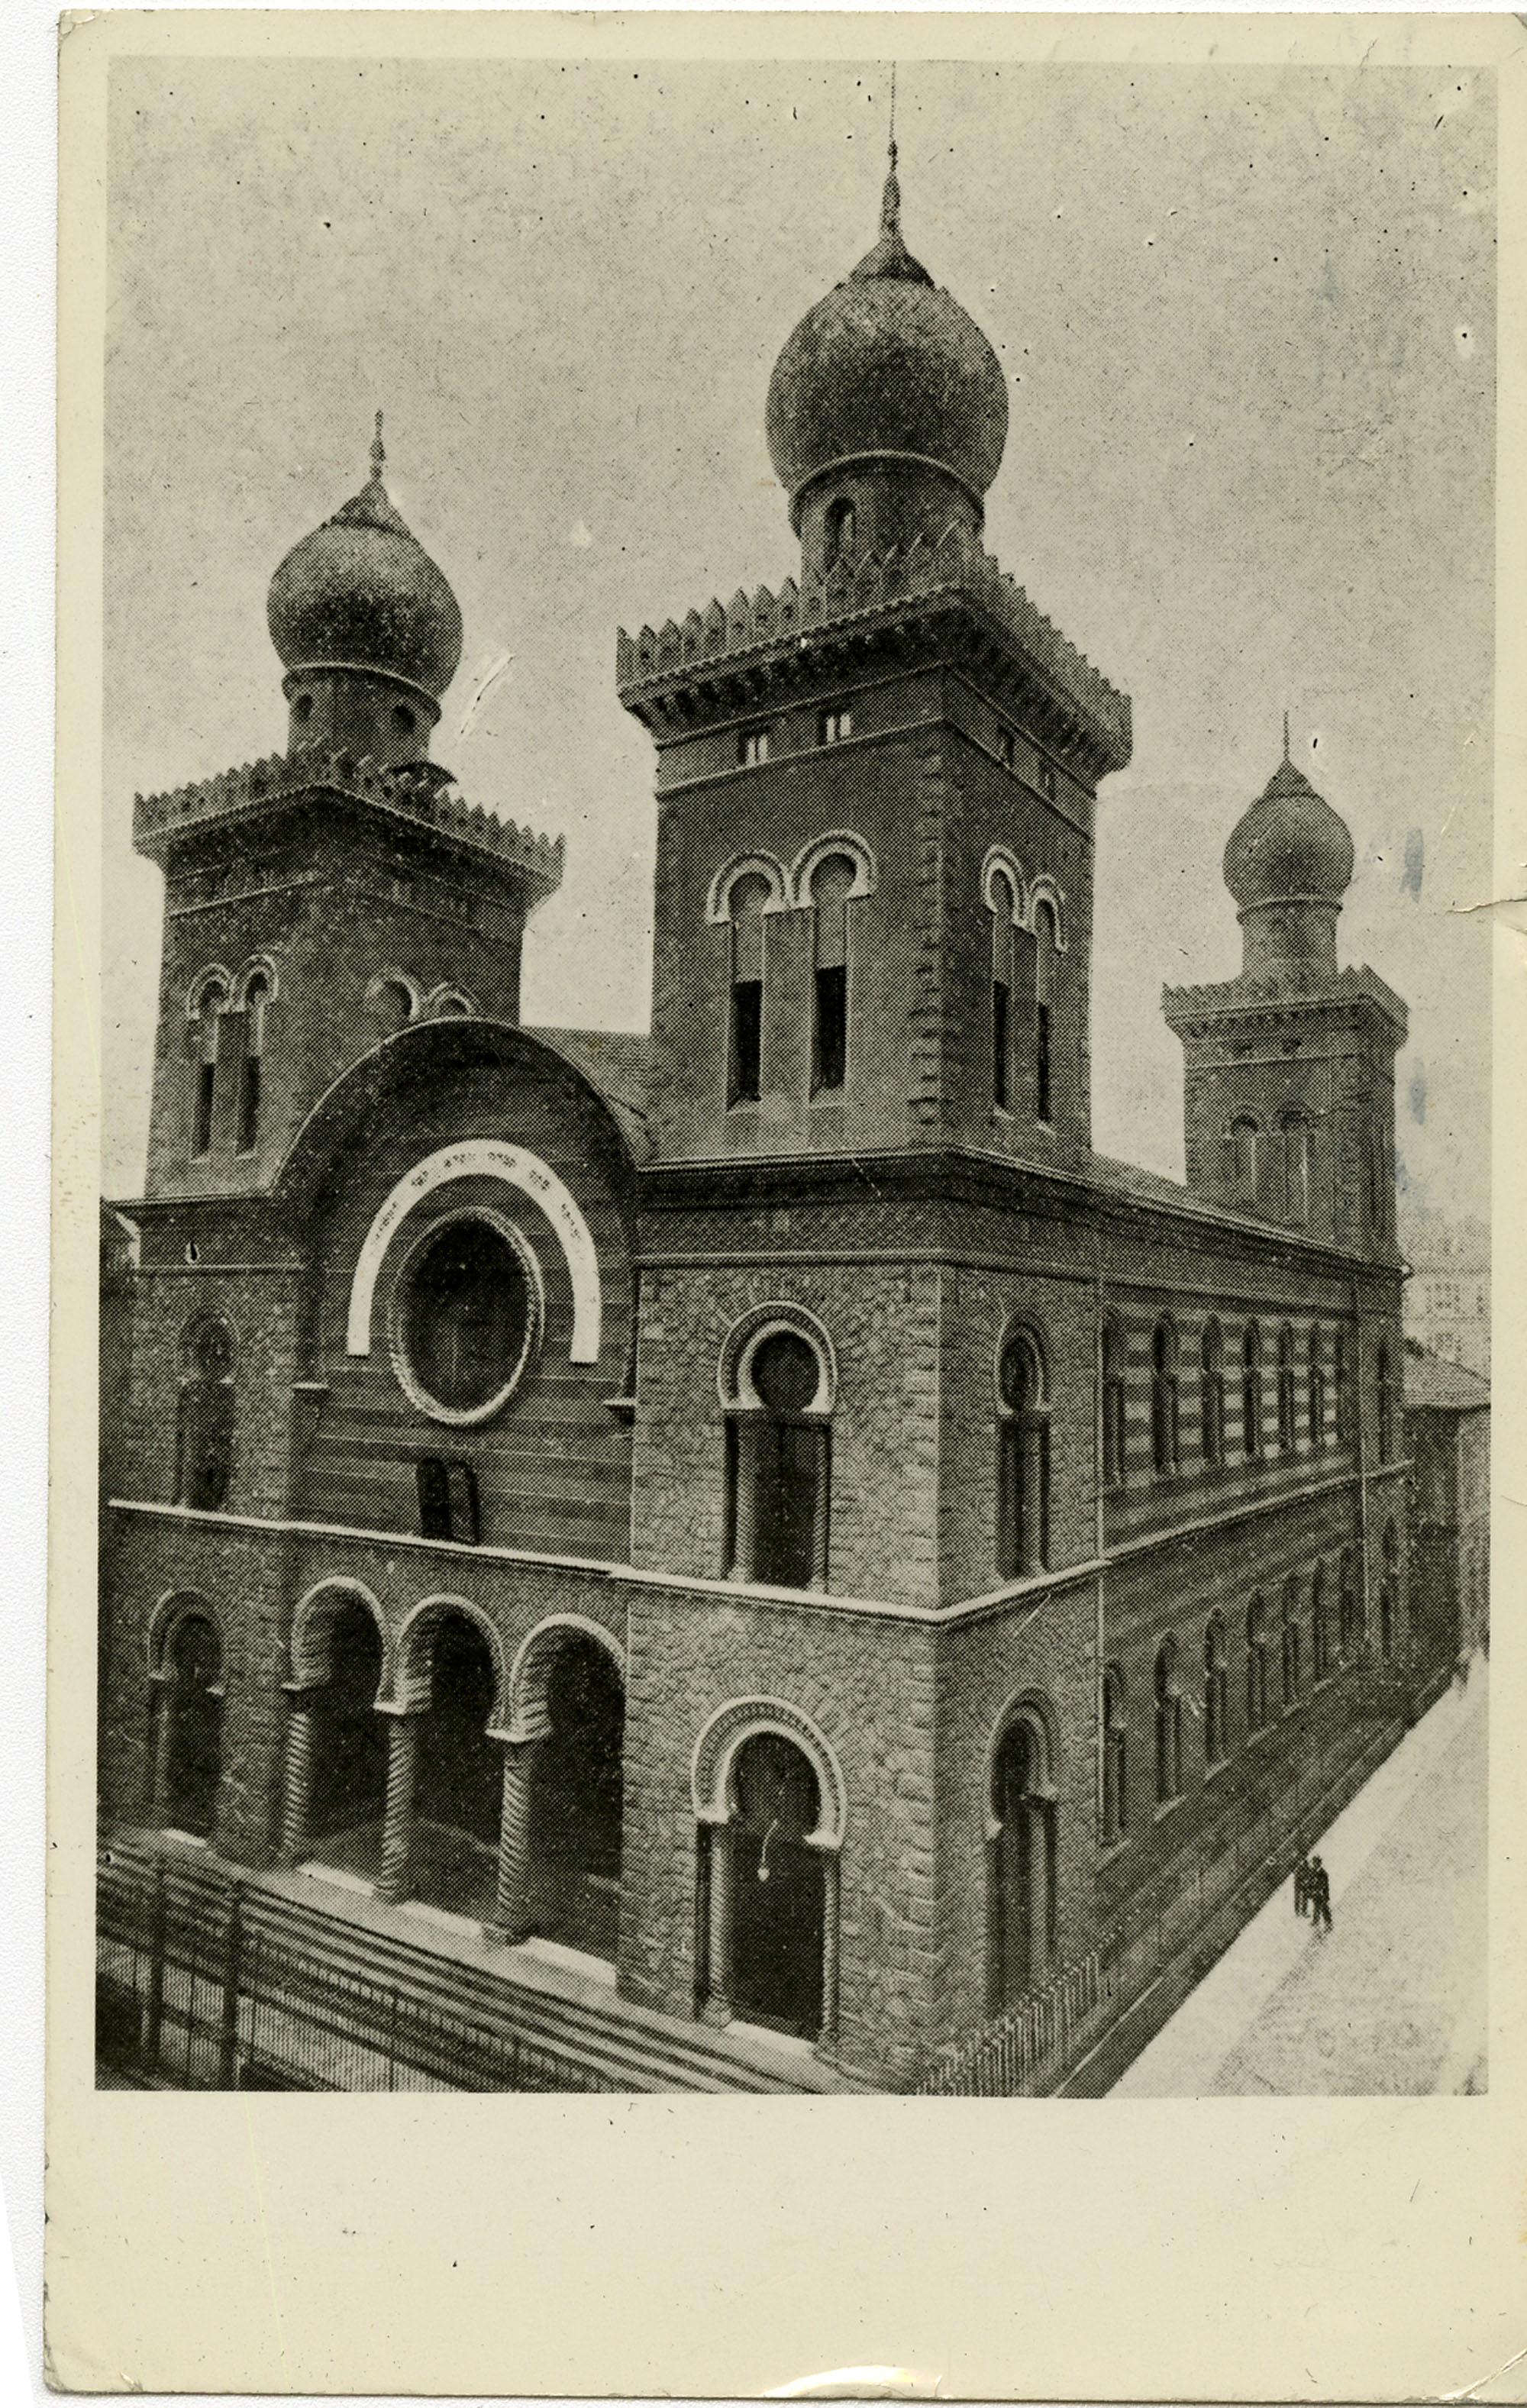 Tempio Israelitico di Torino